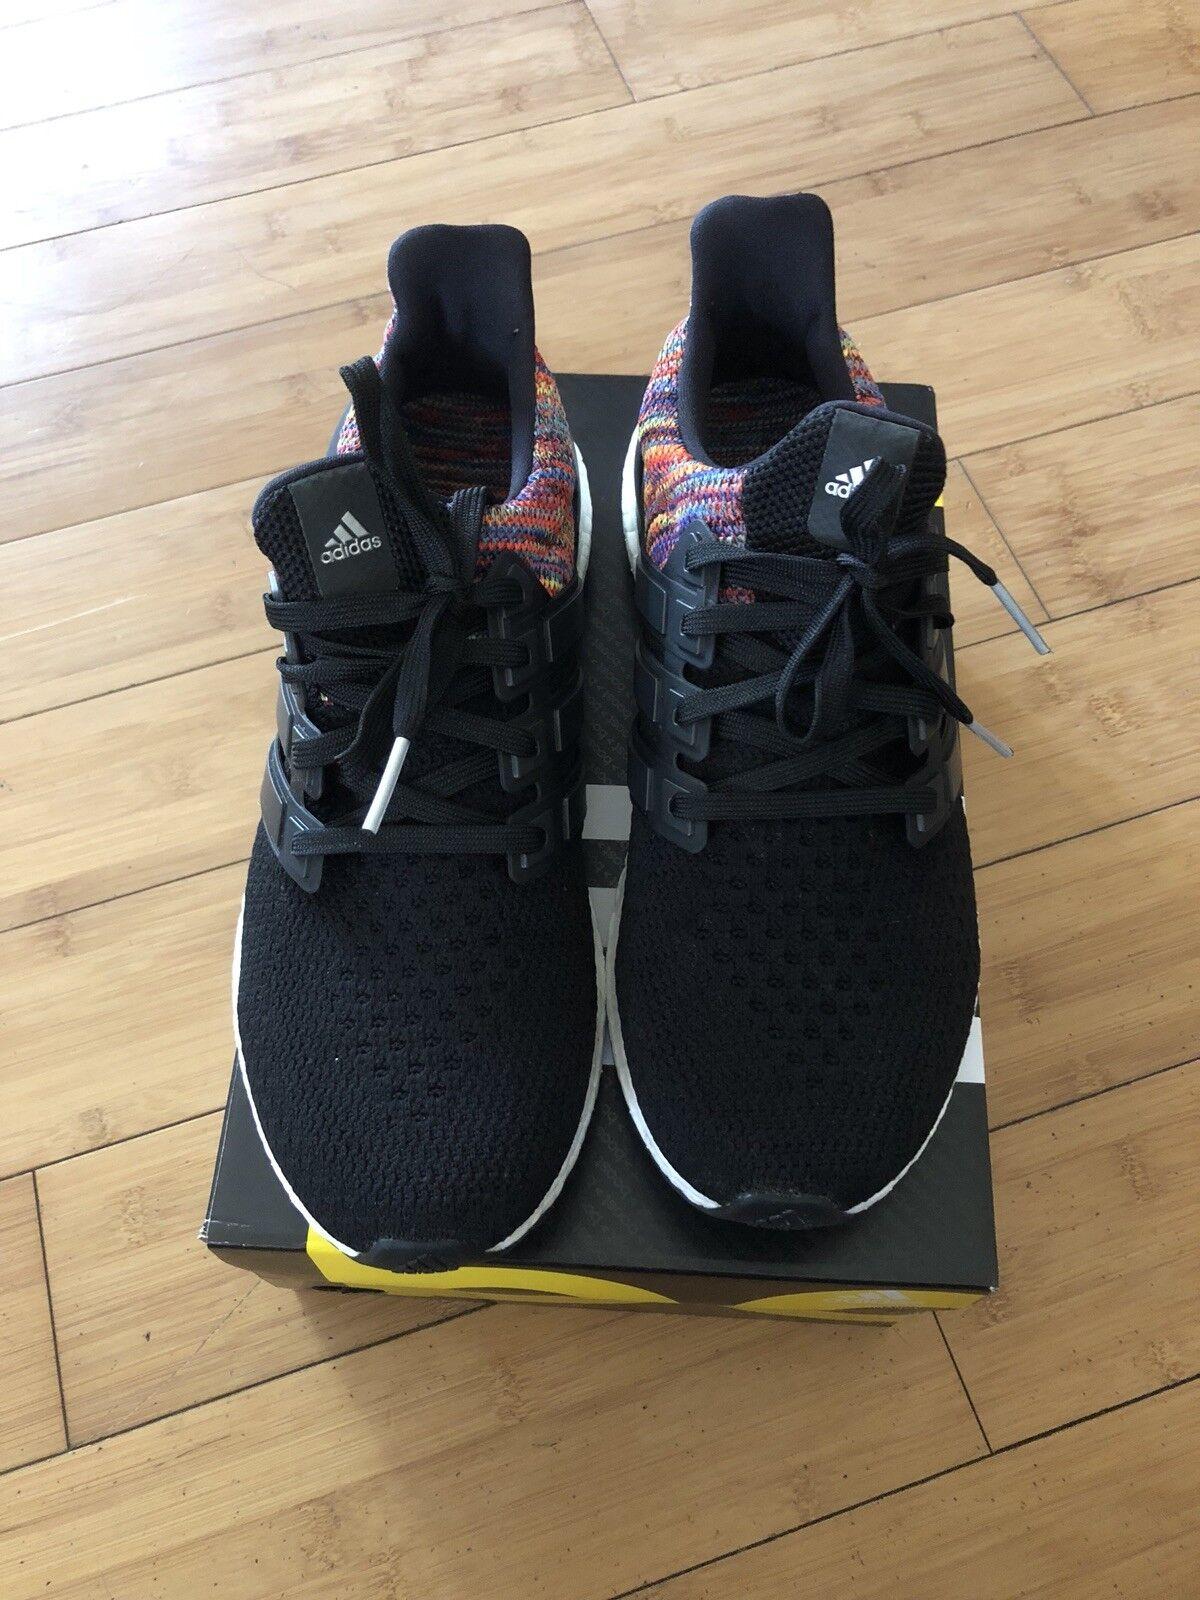 Adidas ultraboost noi 2.0 miadidas arcobaleno (multicolore) dimensioni noi ultraboost 8 uomini!usata! 104c39